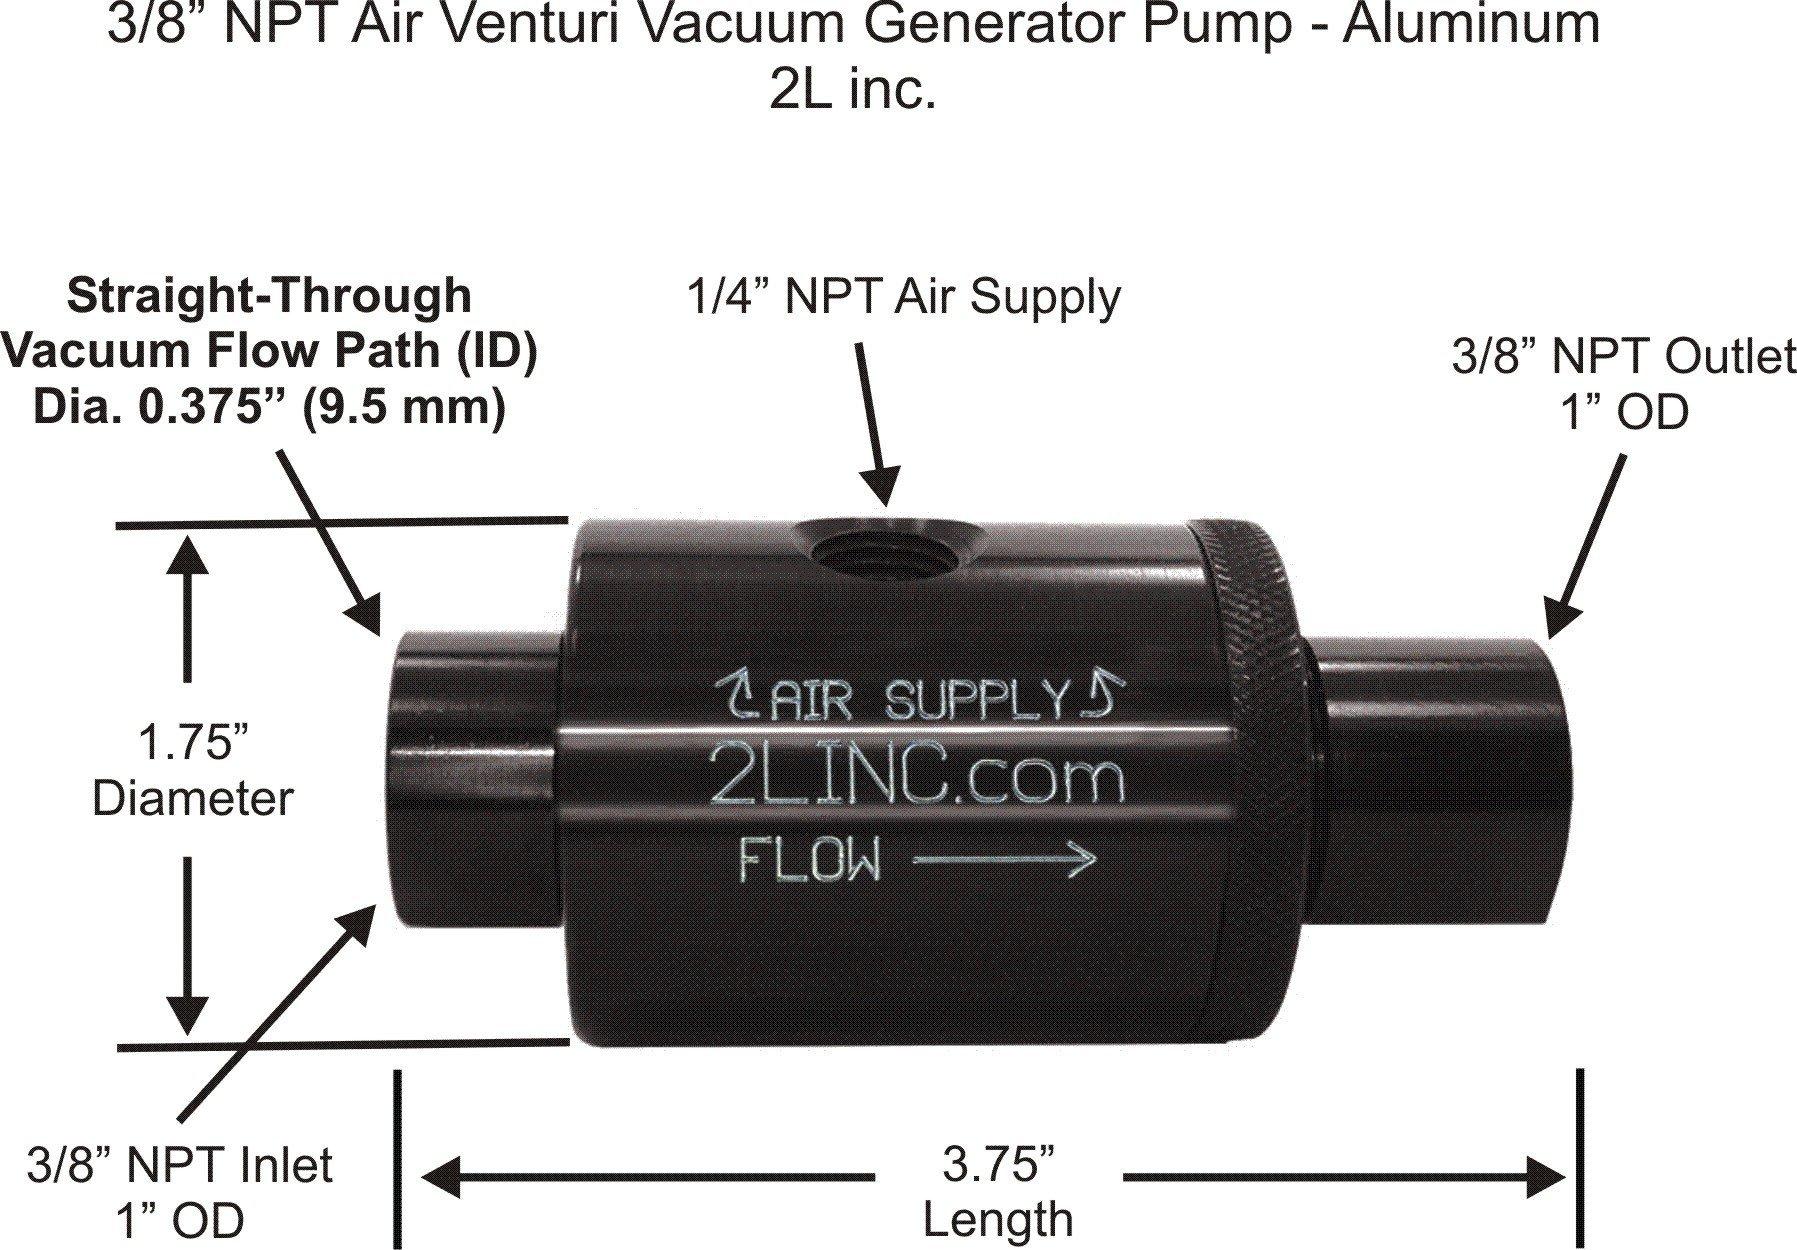 2L inc. 3/8'' NPT Air Venturi Vacuum Generator Pump (Anodized Aluminum) with .375'' (9.5 mm) Bore Diameter